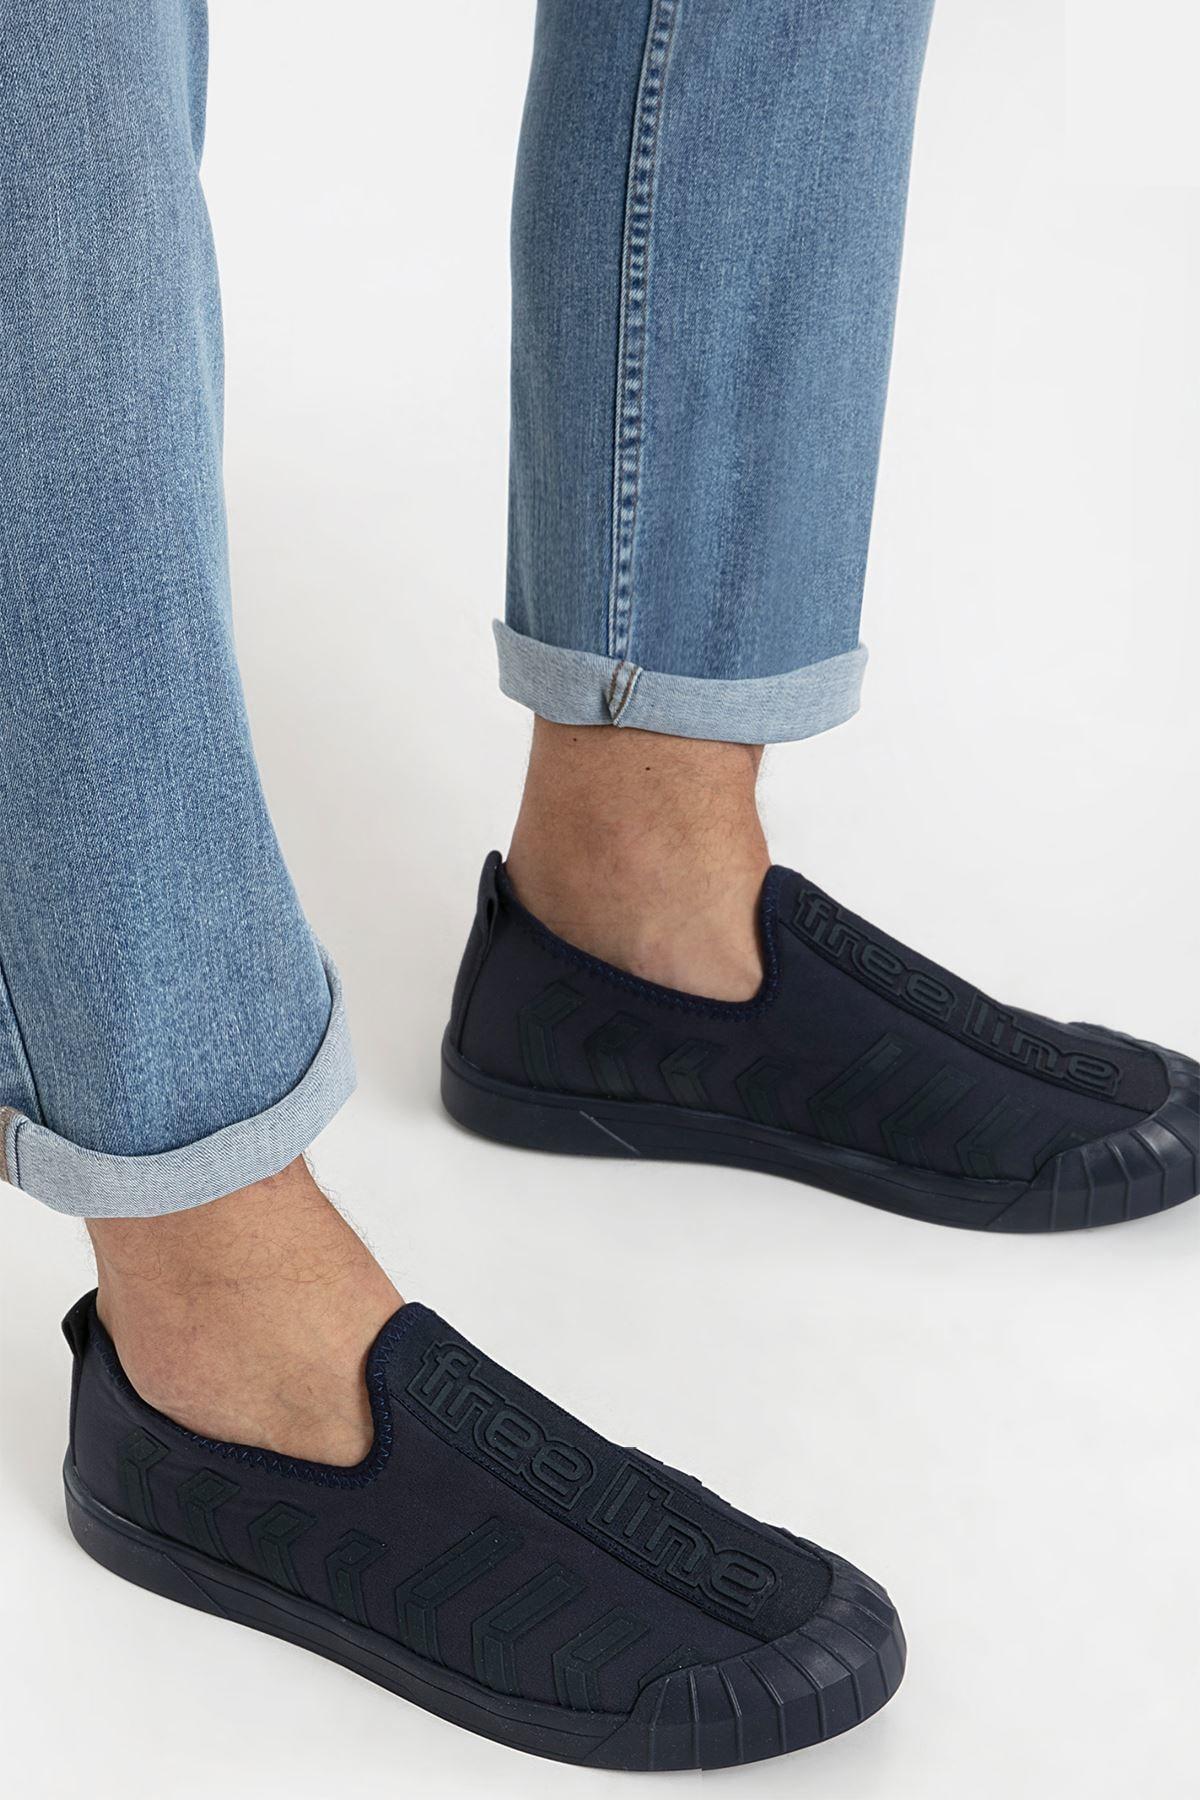 LETOON Erkek Casual Ayakkabı - 7070MR 0